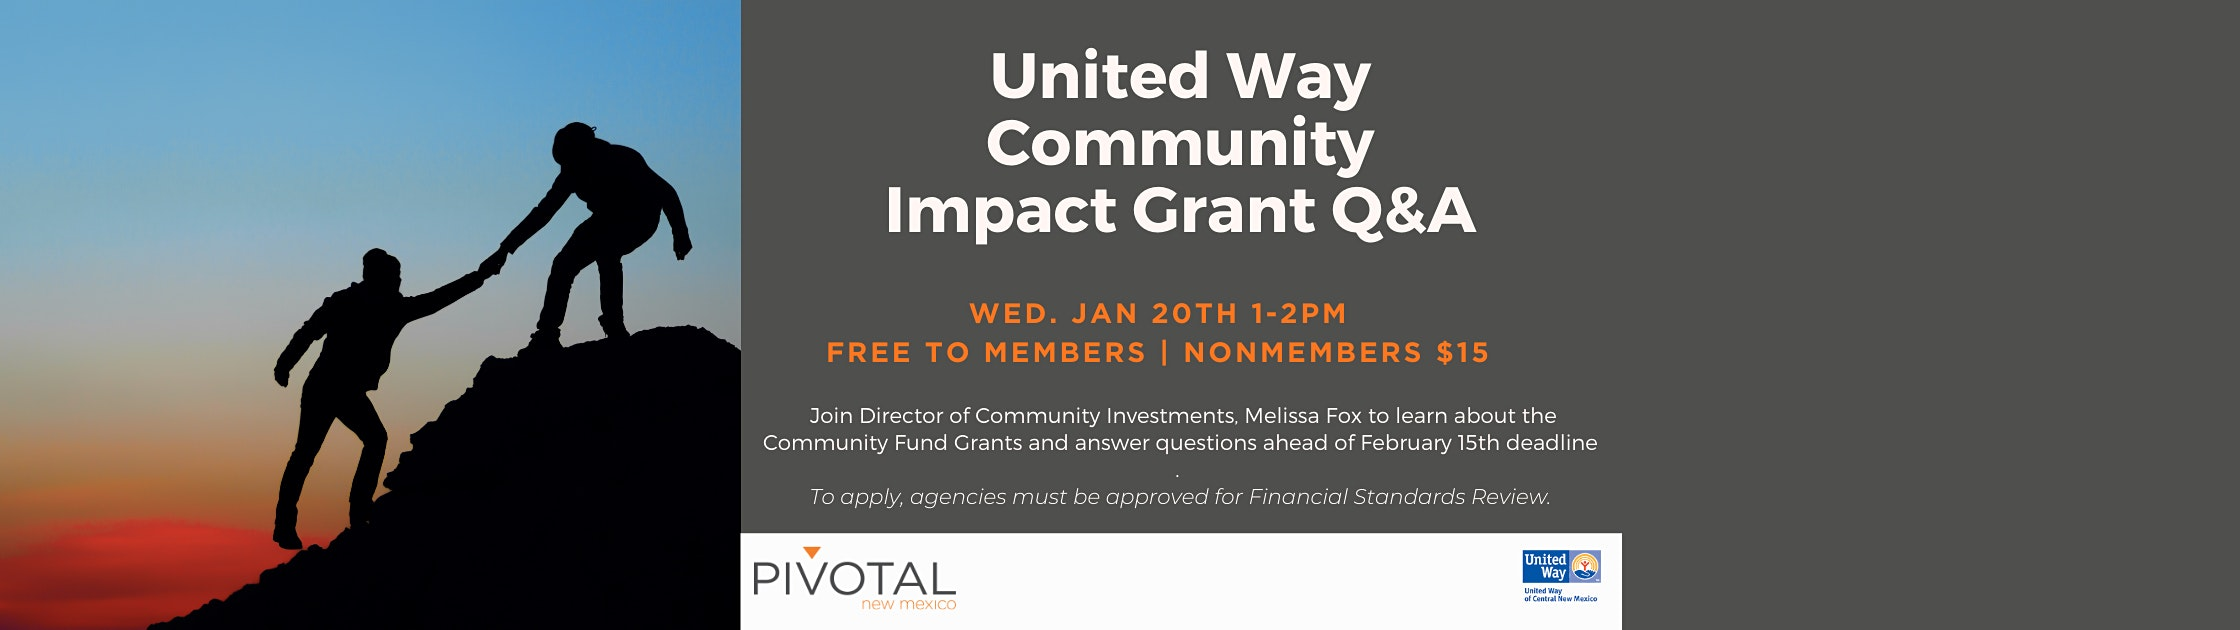 United Way Community Impact Grant Q&A